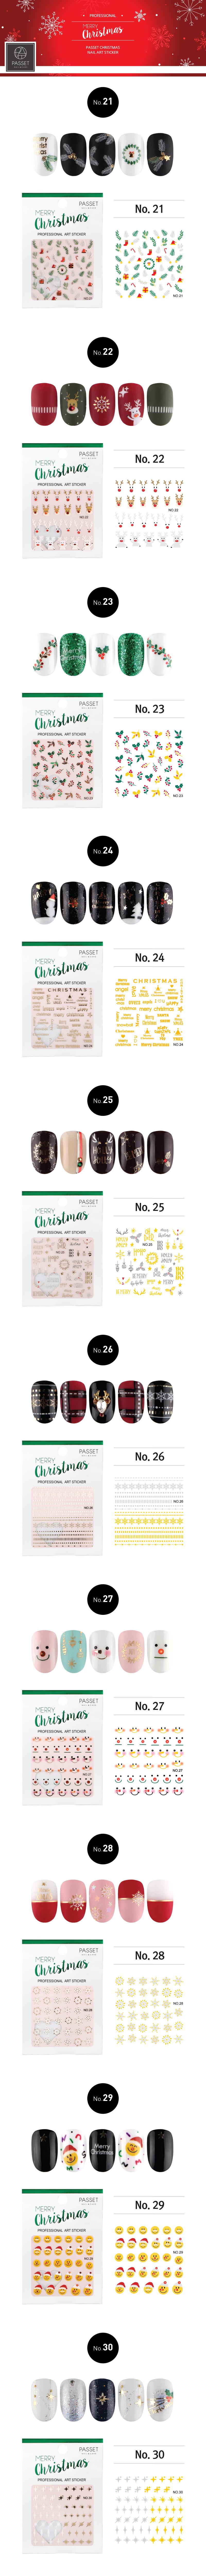 파셋 2019 크리스마스 네일아트 스티커 - 파셋, 3,500원, 네일, 네일스티커/파츠